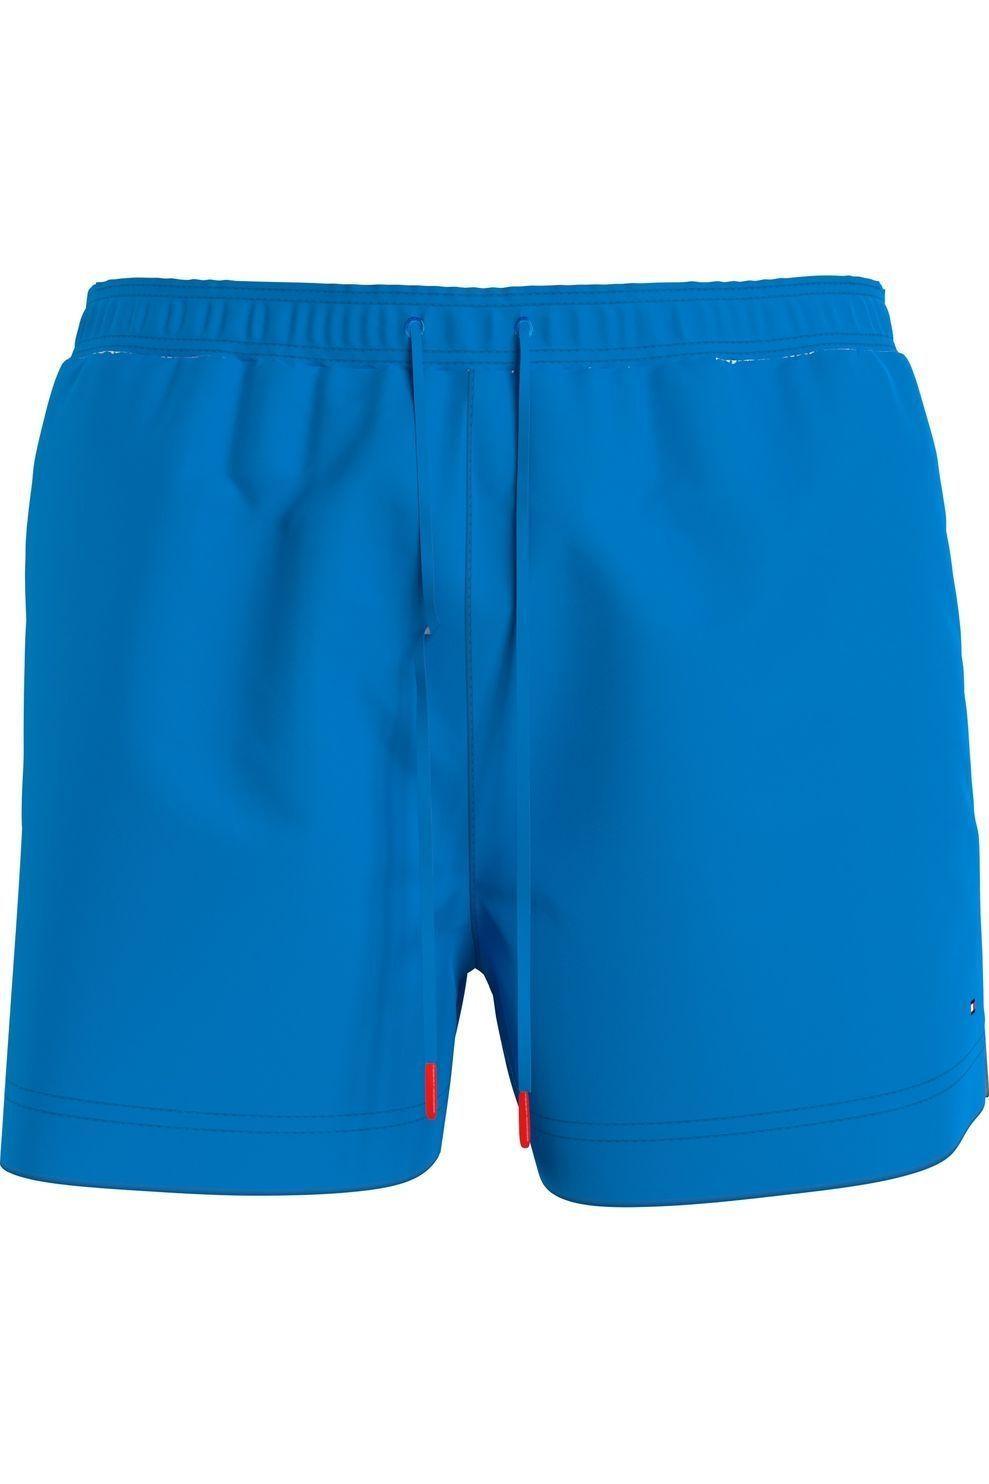 Tommy Hilfiger Zwemshort Sf Medium Drawstring voor heren - Blauw - Maten: S, M, L, XL, XXL